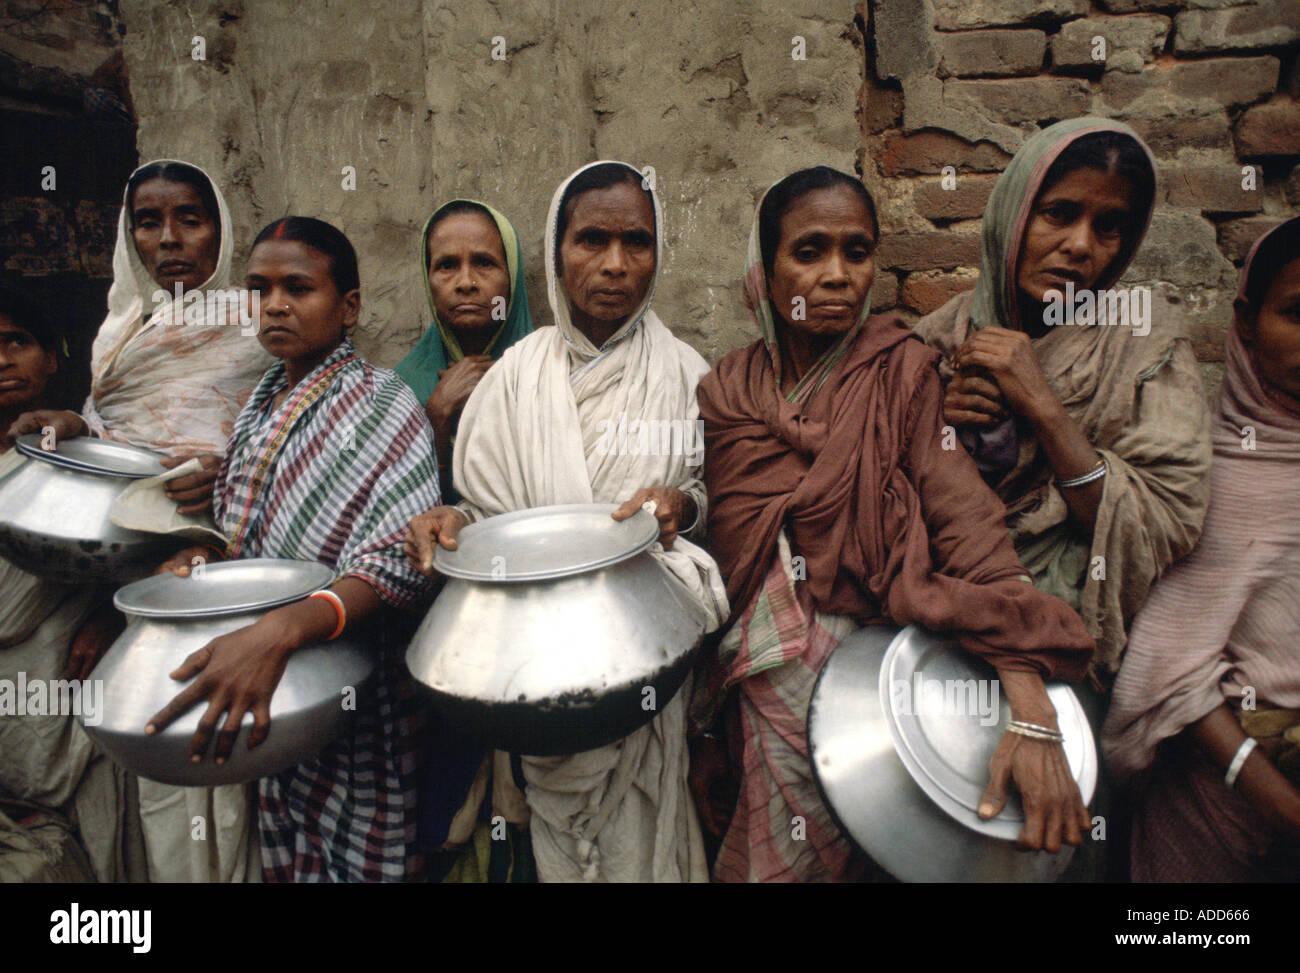 Les pauvres avec des pots en attente pour l'alimentation de leur famille à Mère Teresa de Calcutta Inde Mission s Banque D'Images